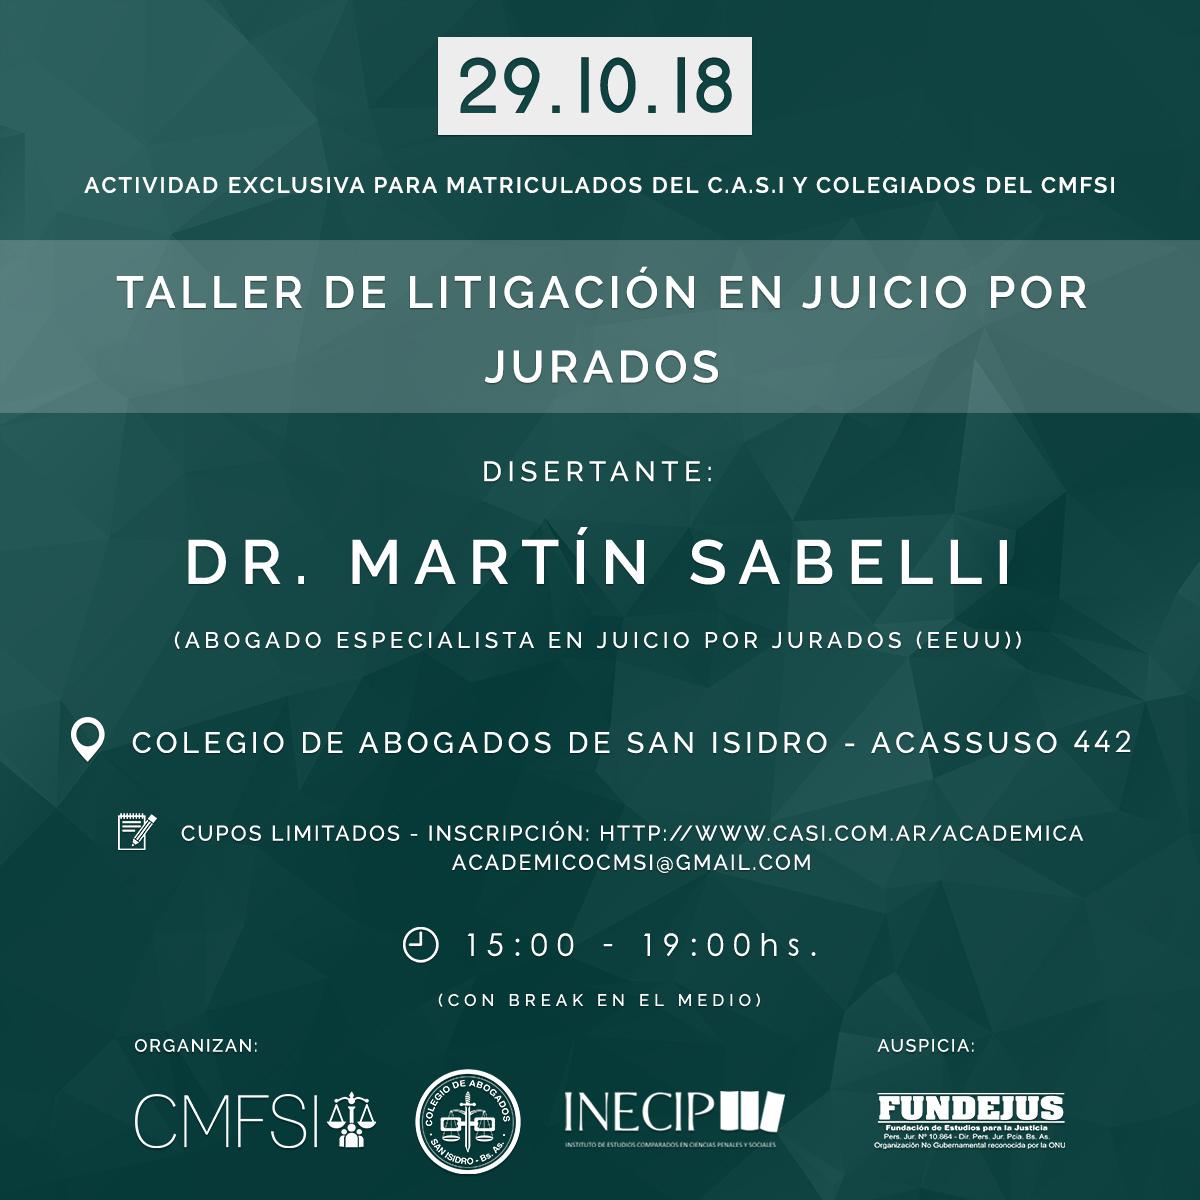 TALLER JUICIO POR JURADOS WEB